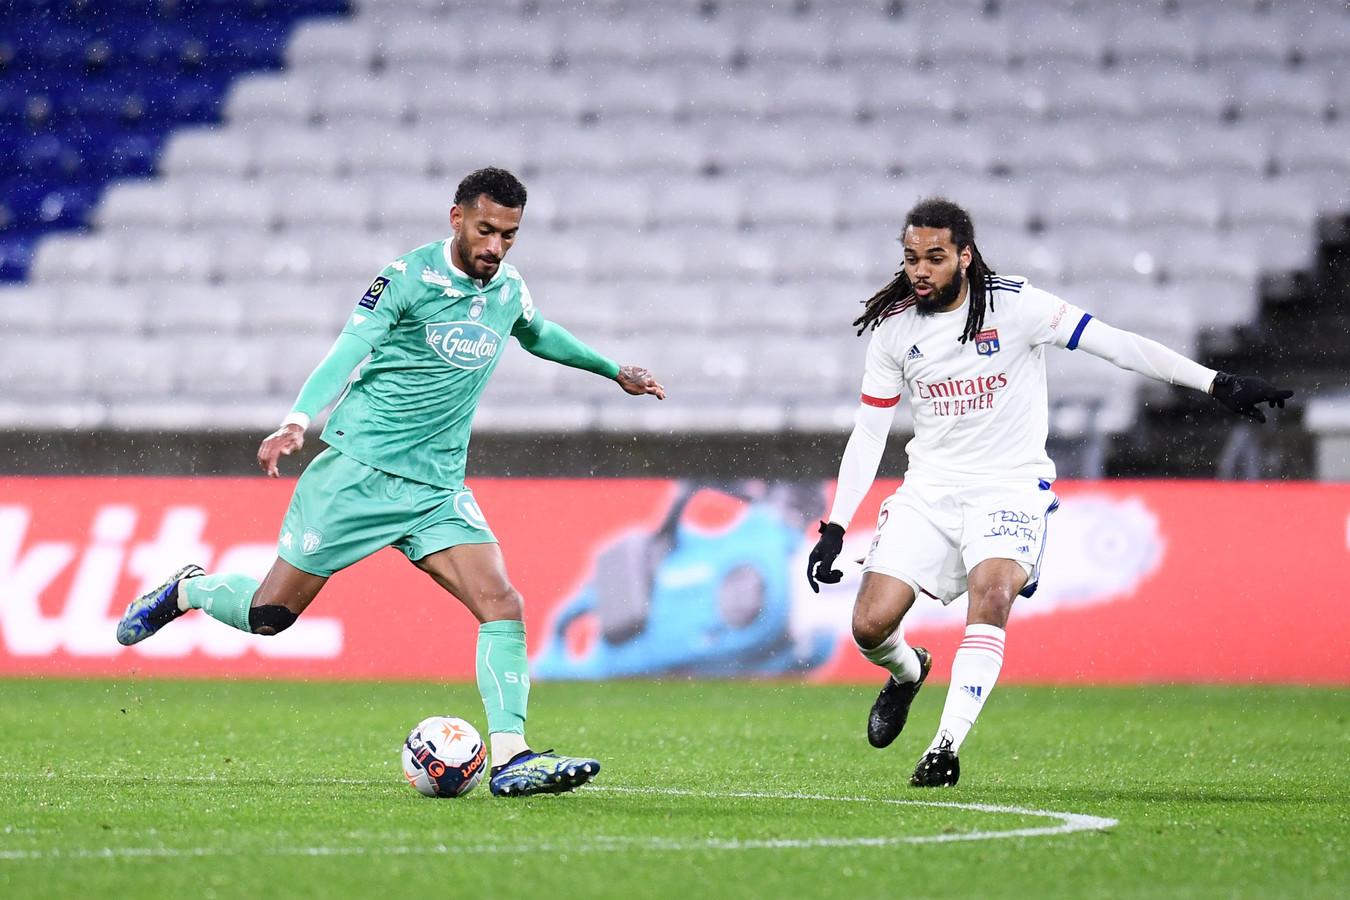 Jason Denayer et Lyon s'accrochent au peloton de tête en Ligue 1.